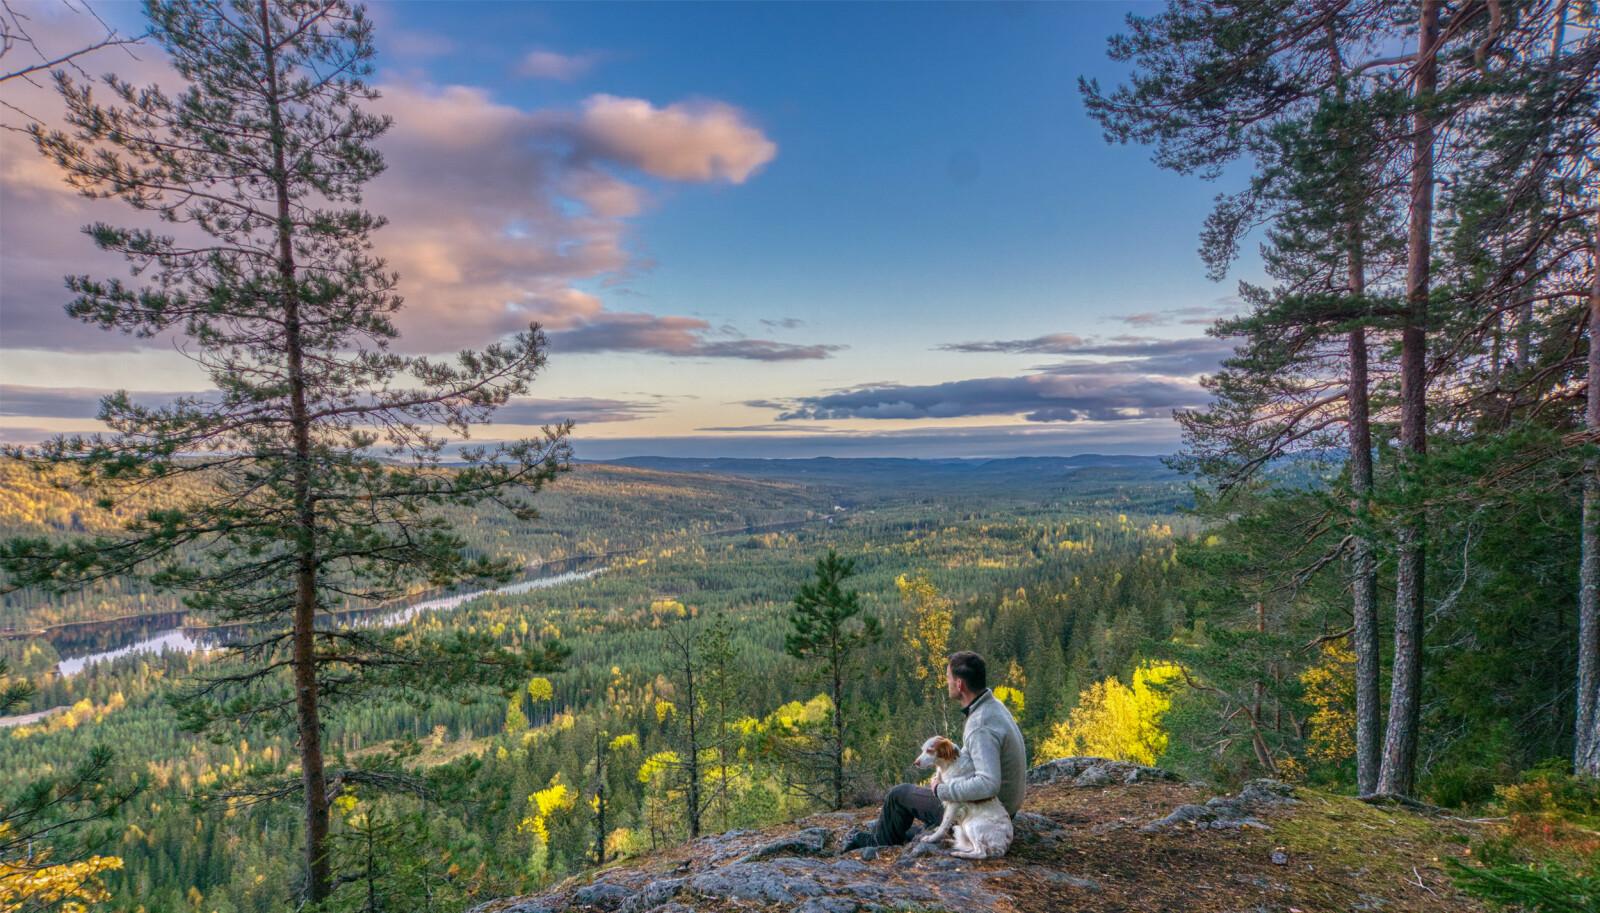 Maliskjæra naturreservat i Gruset statsskog i Grue kommune i Hedmark. Torkel Skoglund og Atcho beundrer utsikten over Rotnavassdraget og Finnskogen. Foto: Statskog